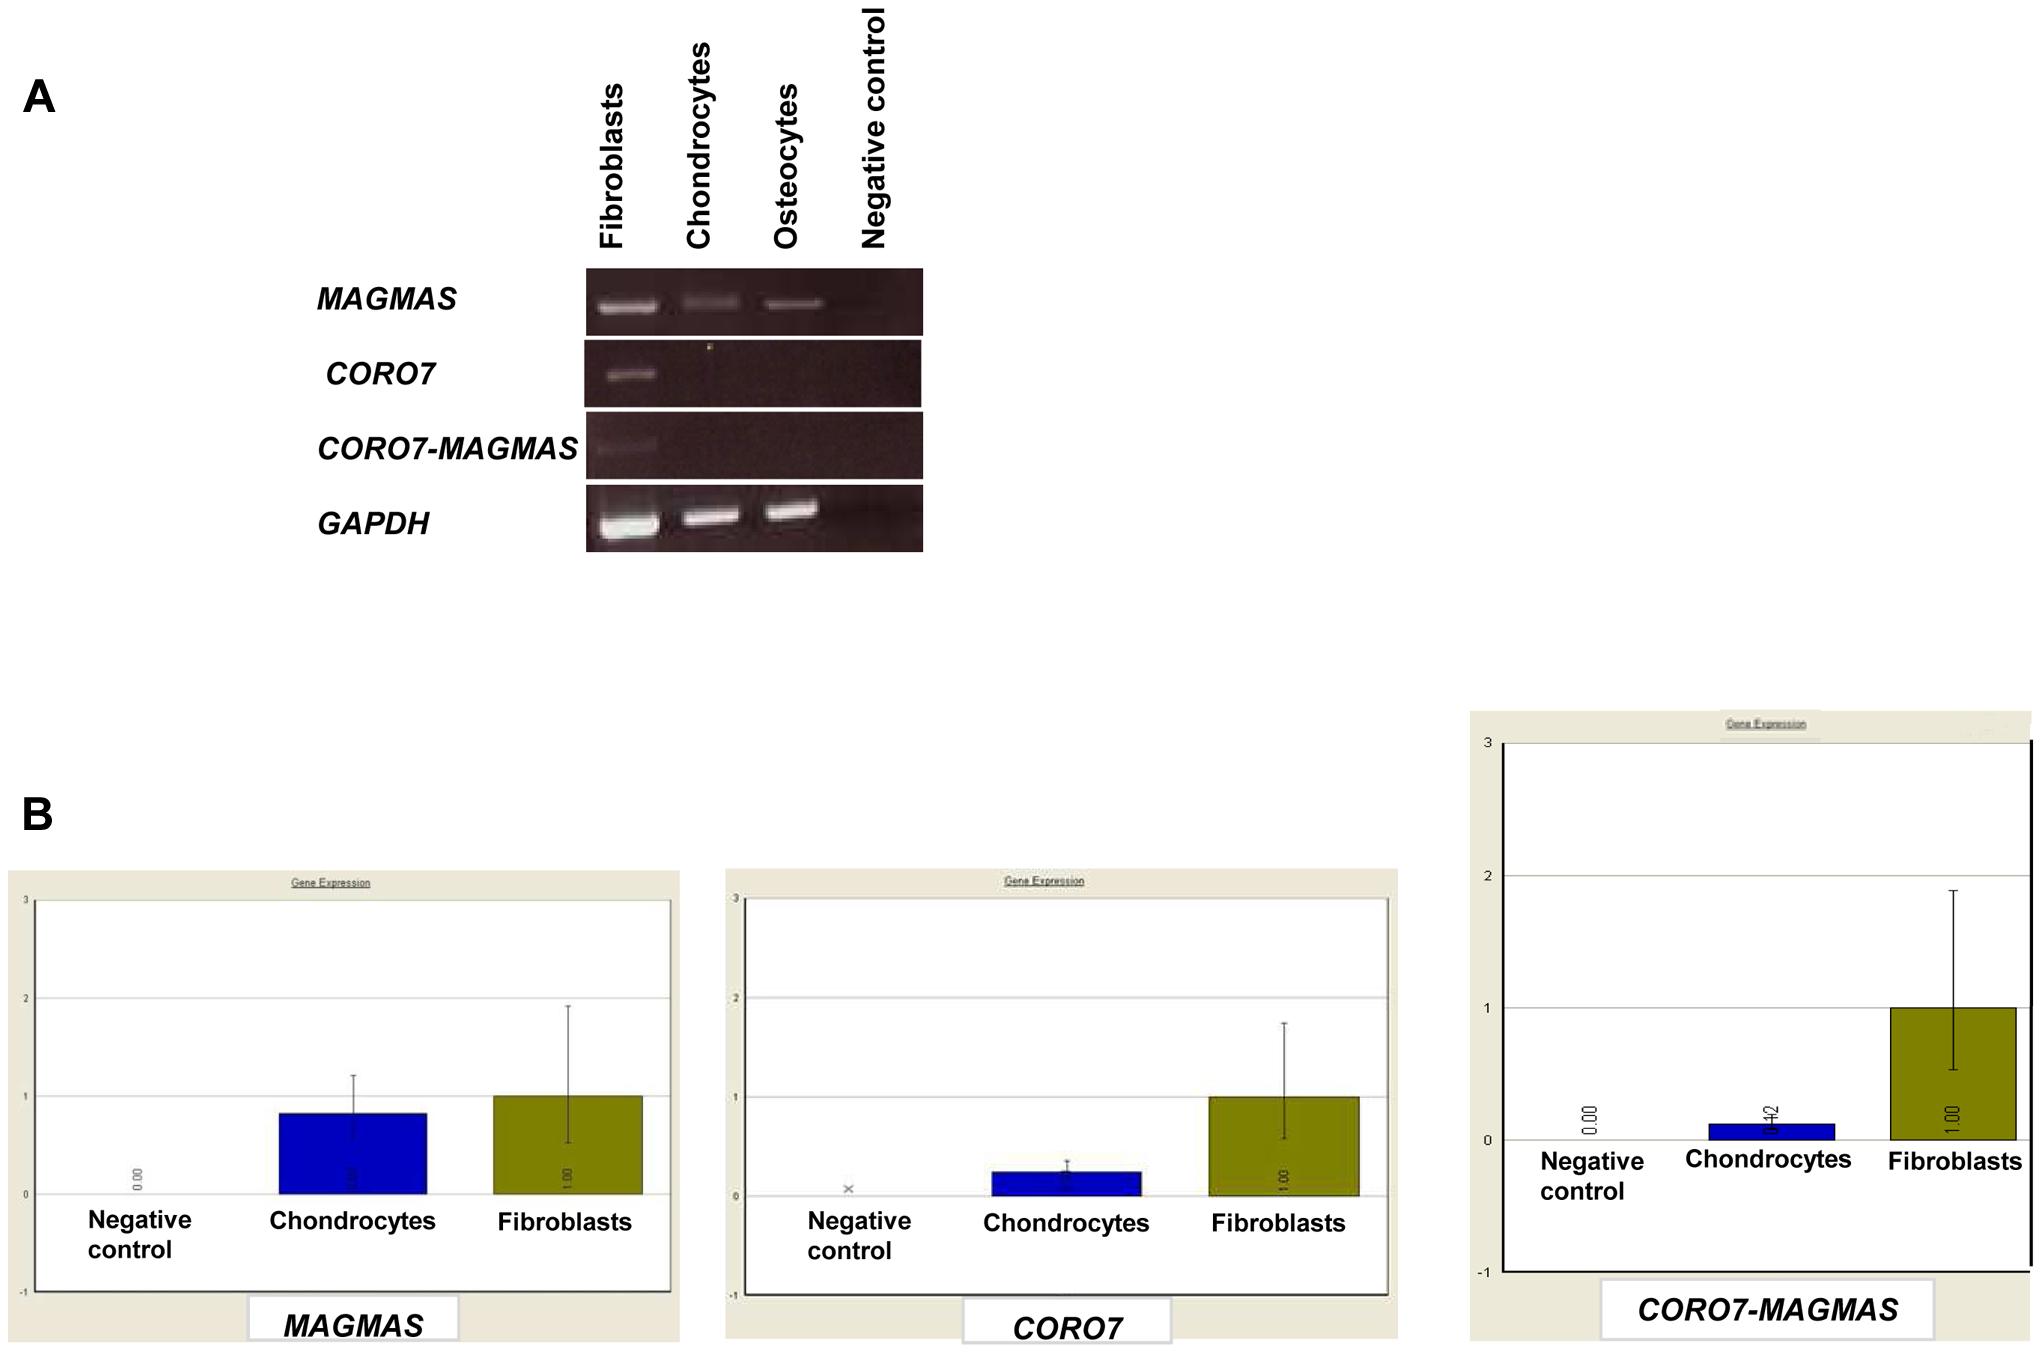 Transcript expression analysis of <i>MAGMAS</i>, <i>CORO7</i> and <i>CORO7-MAGMAS</i>.